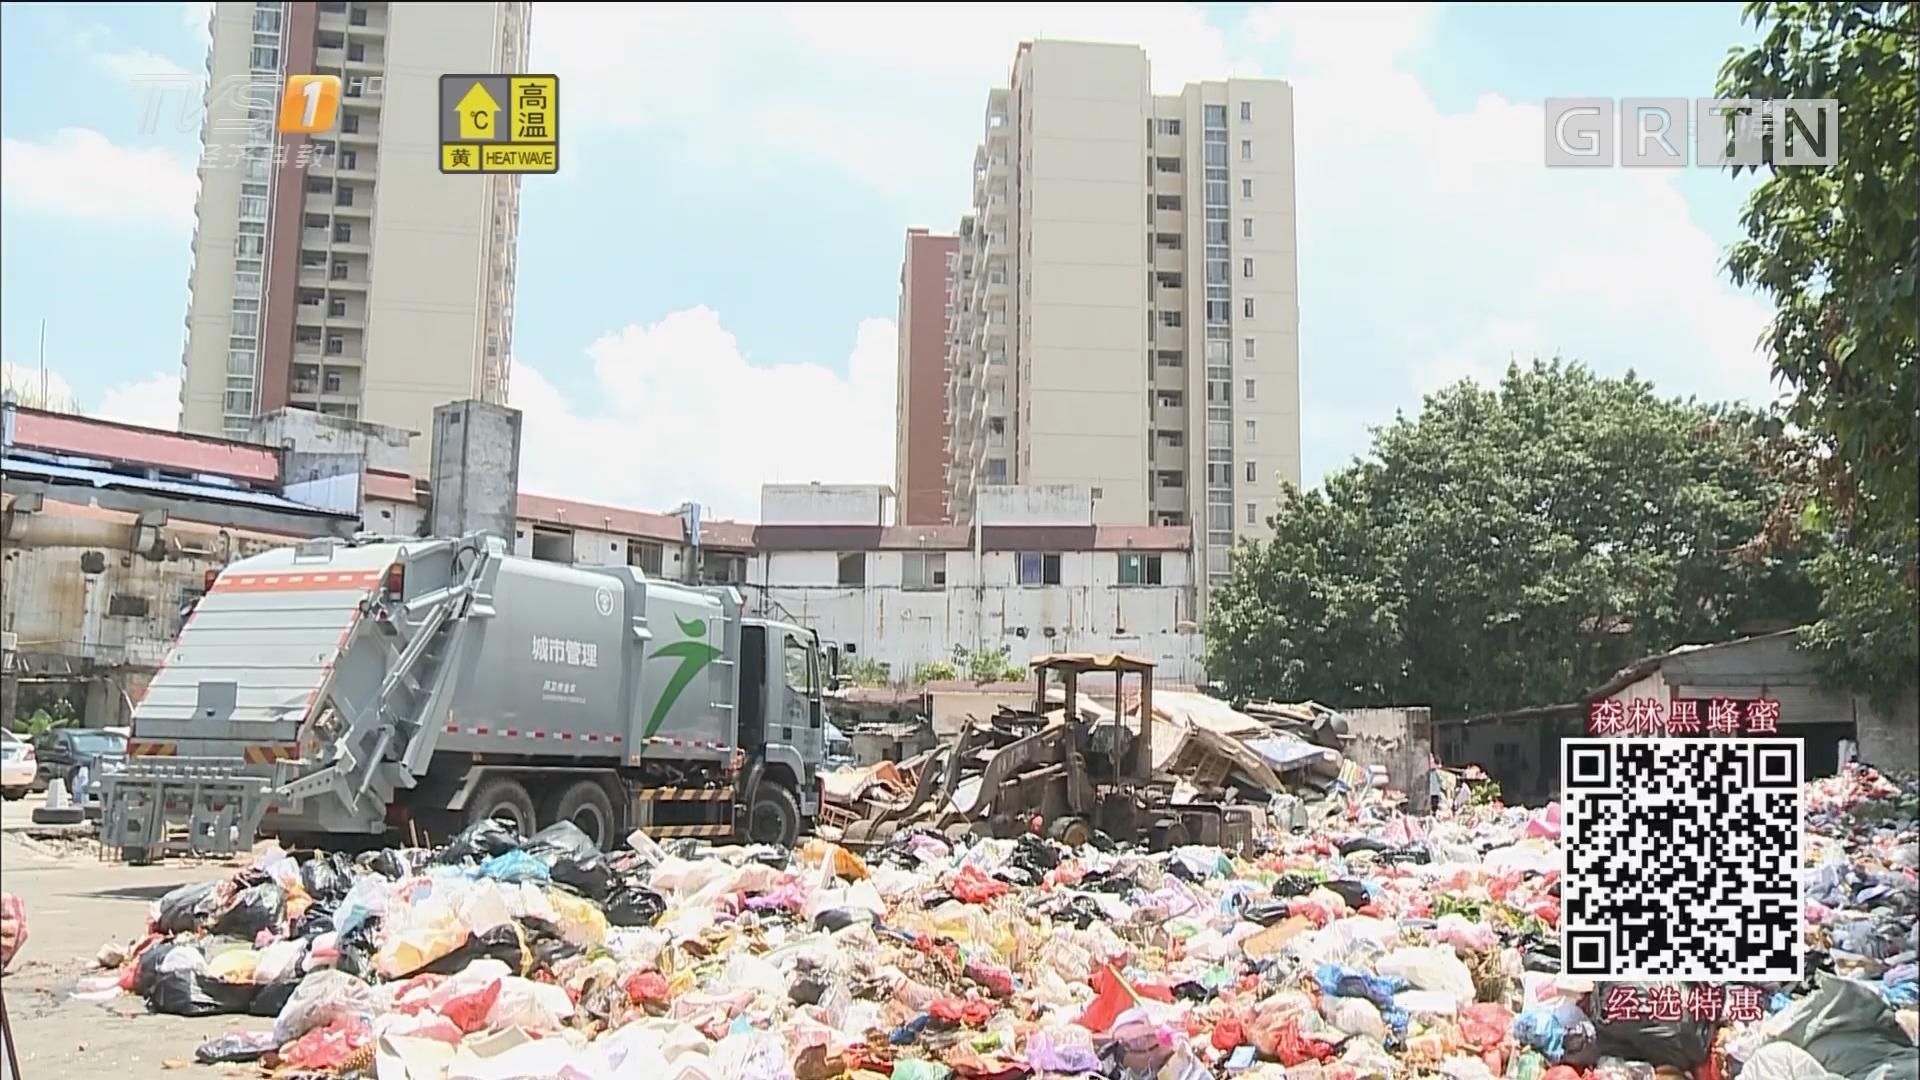 广州:番禺一小区垃圾中转站 垃圾长期堆放臭味扰民